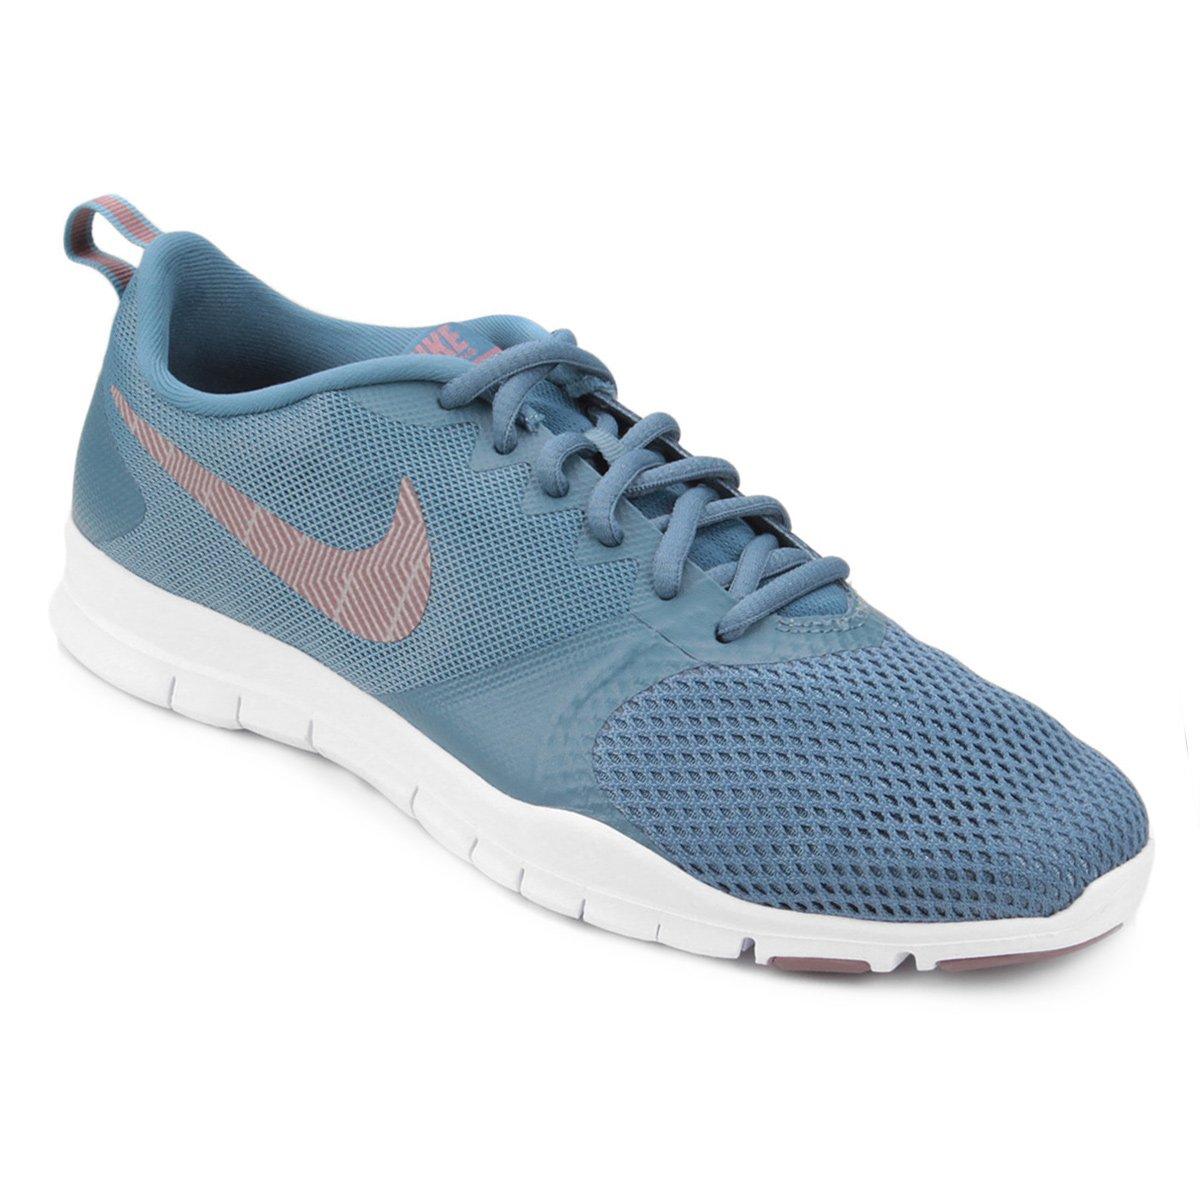 d61be4e3a33d0 Tênis Nike Flex Essential TR Feminino - Verde e Bege - Compre Agora ...